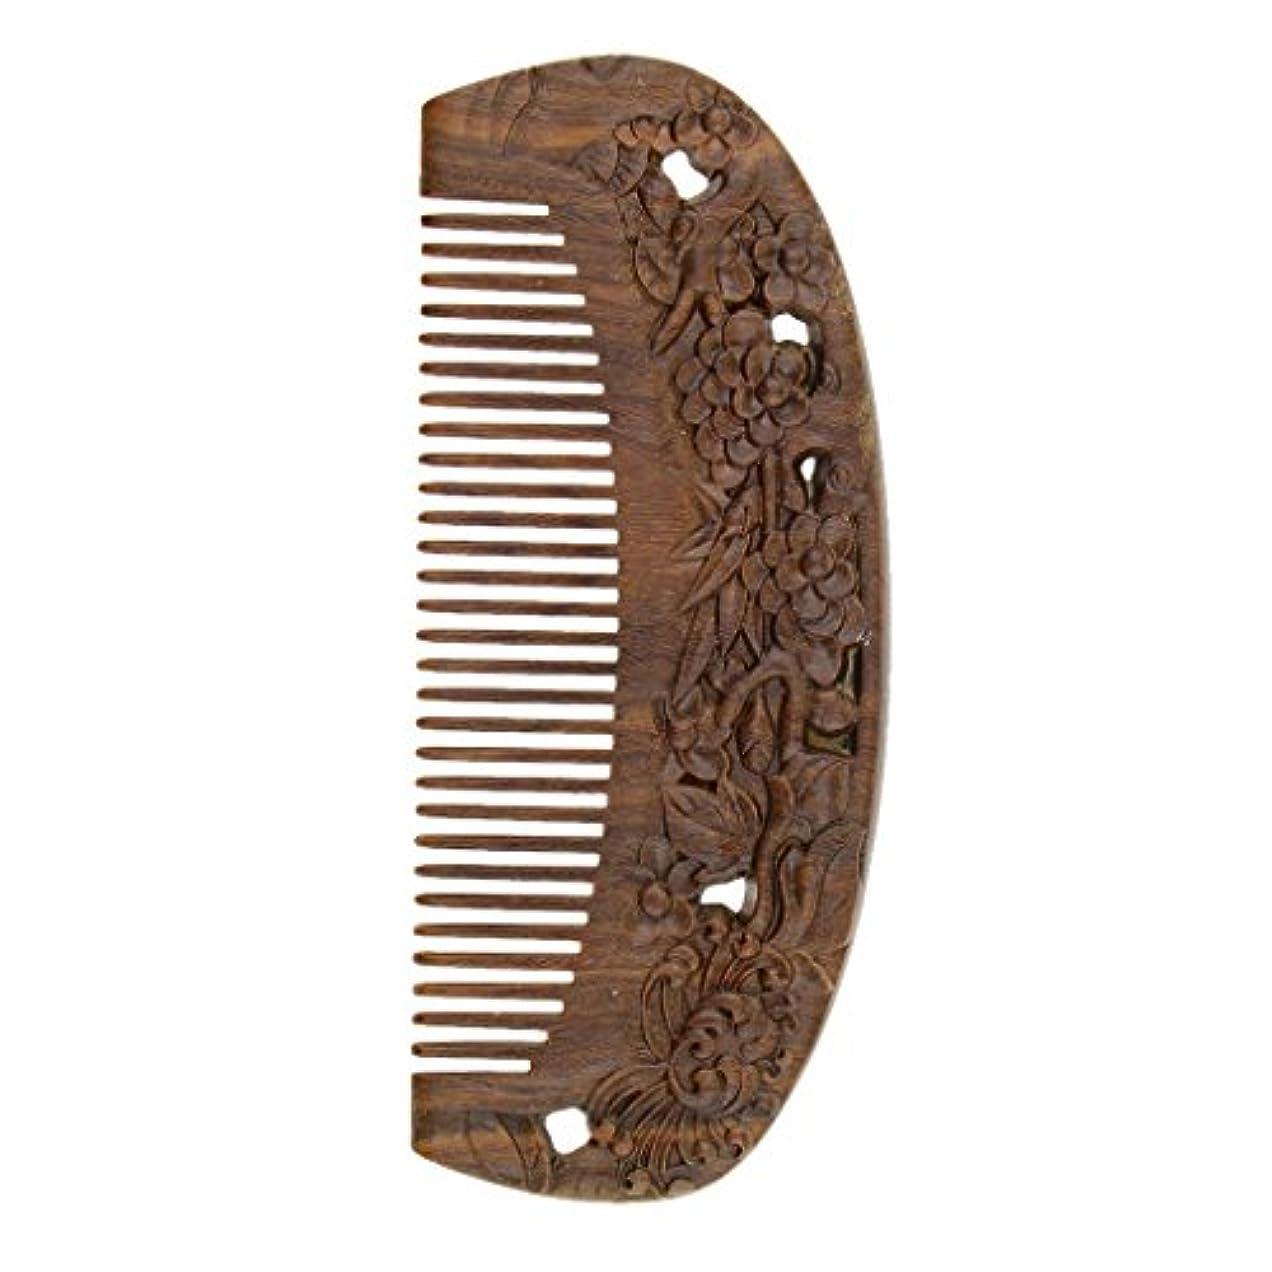 ゴネリル落胆するユーモラスDYNWAVE ヘアスタイリング 木製コーム ウッドコーム ワイド歯 頭皮マッサージ ヘアブラシ 全2種類 - #2